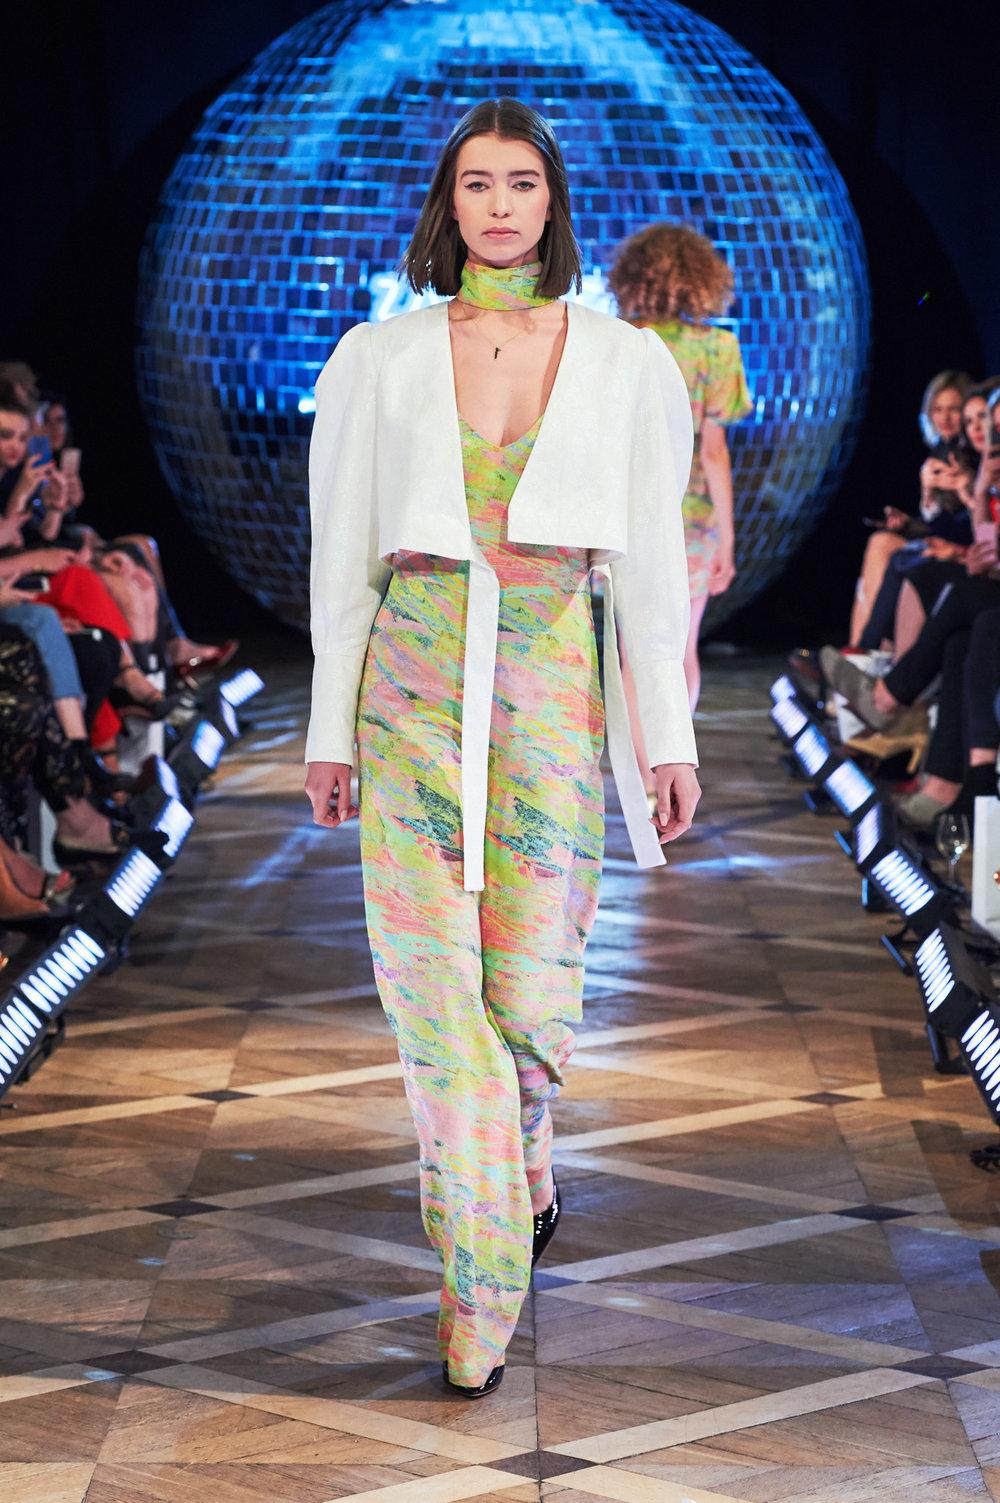 6_ZAQUAD_090519_lowres-fotFilipOkopny-FashionImages.jpg